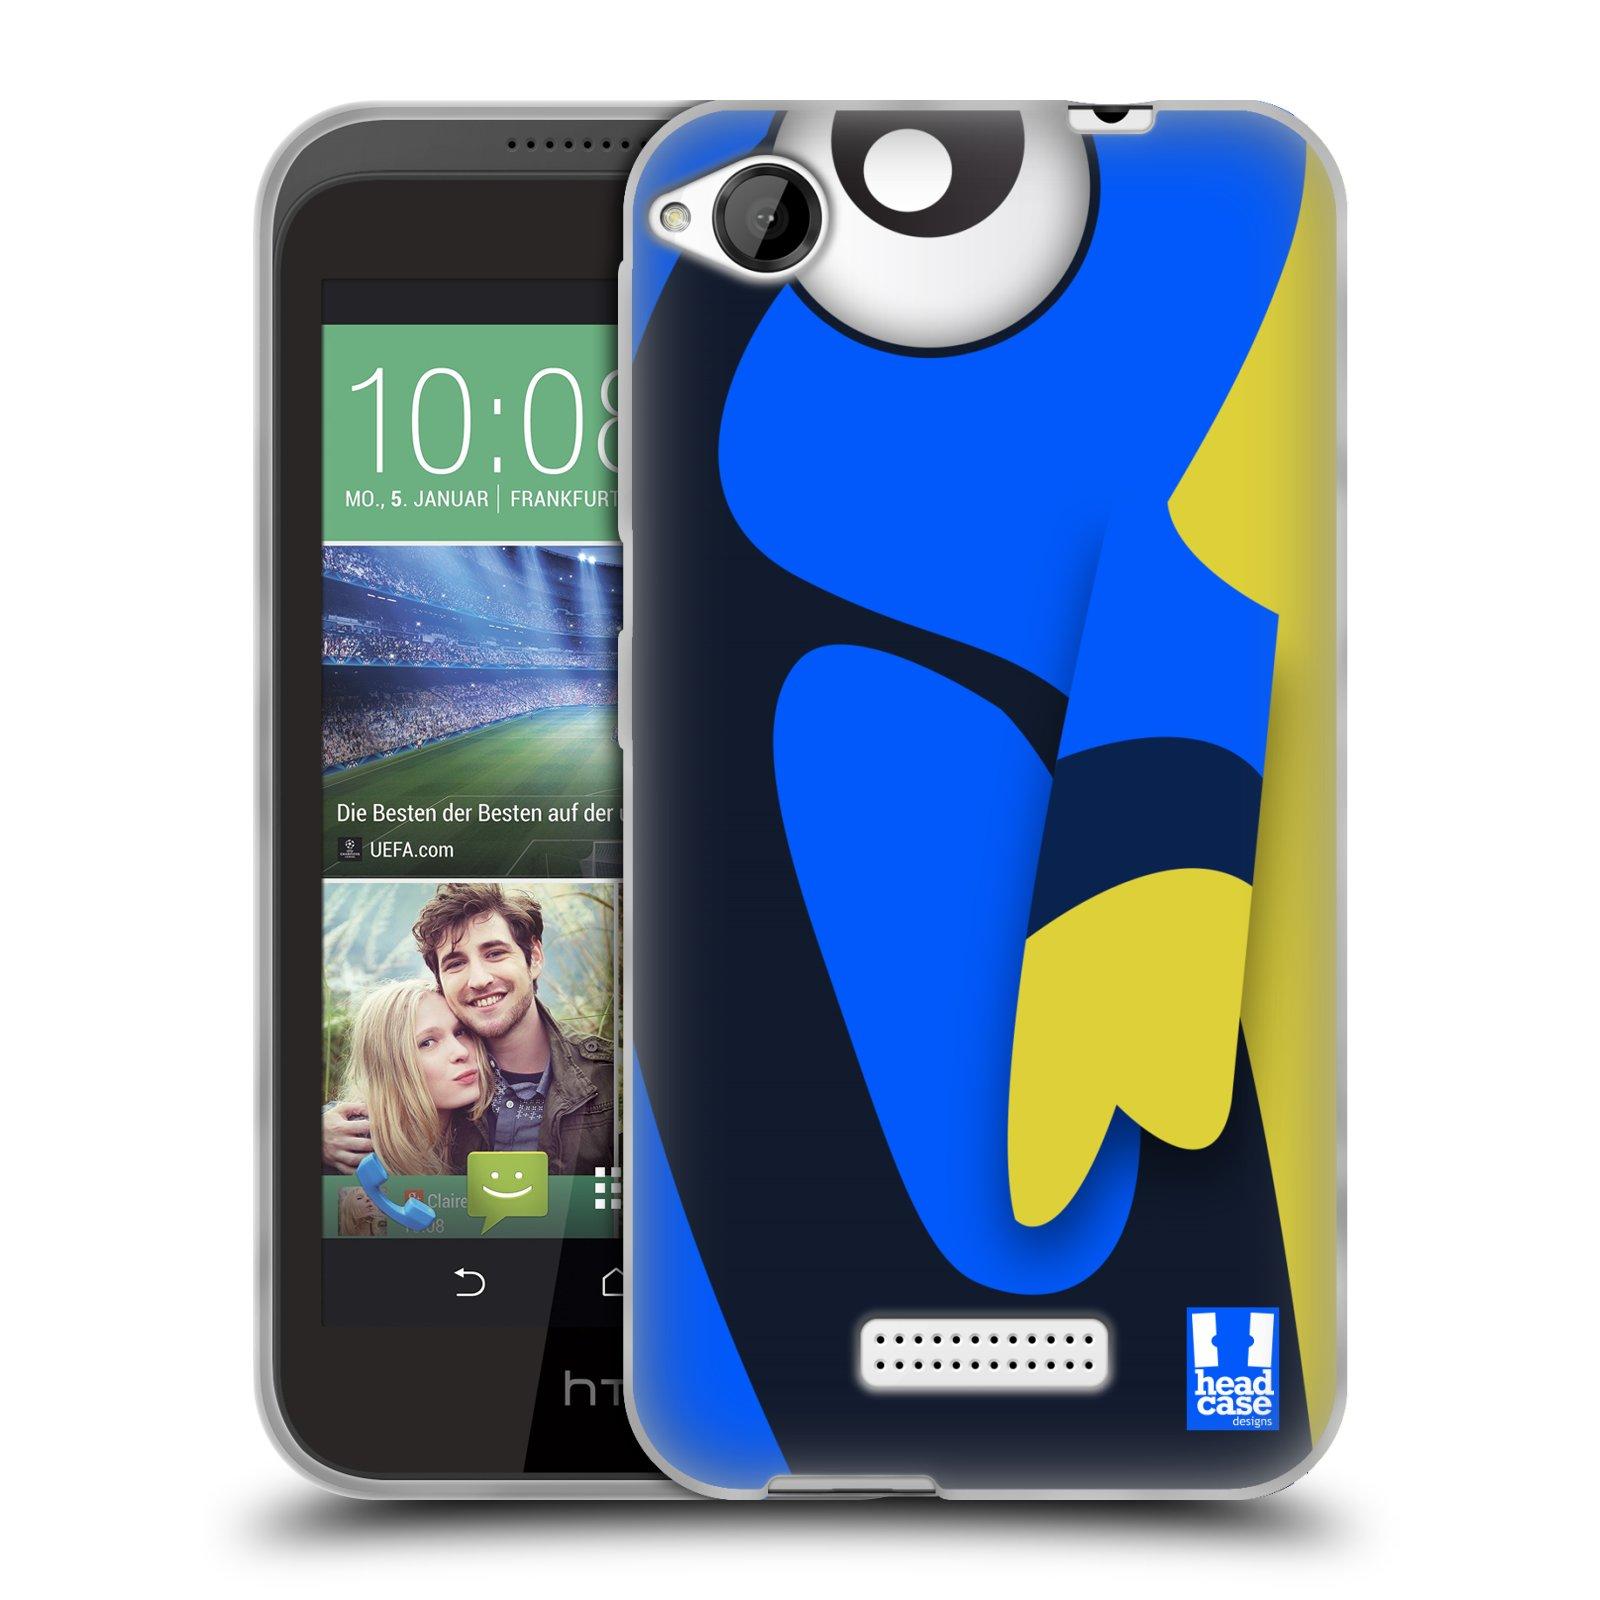 HEAD CASE silikonový obal na mobil HTC DESIRE 320 vzor Rybičky z profilu modrá a žlutá Dory